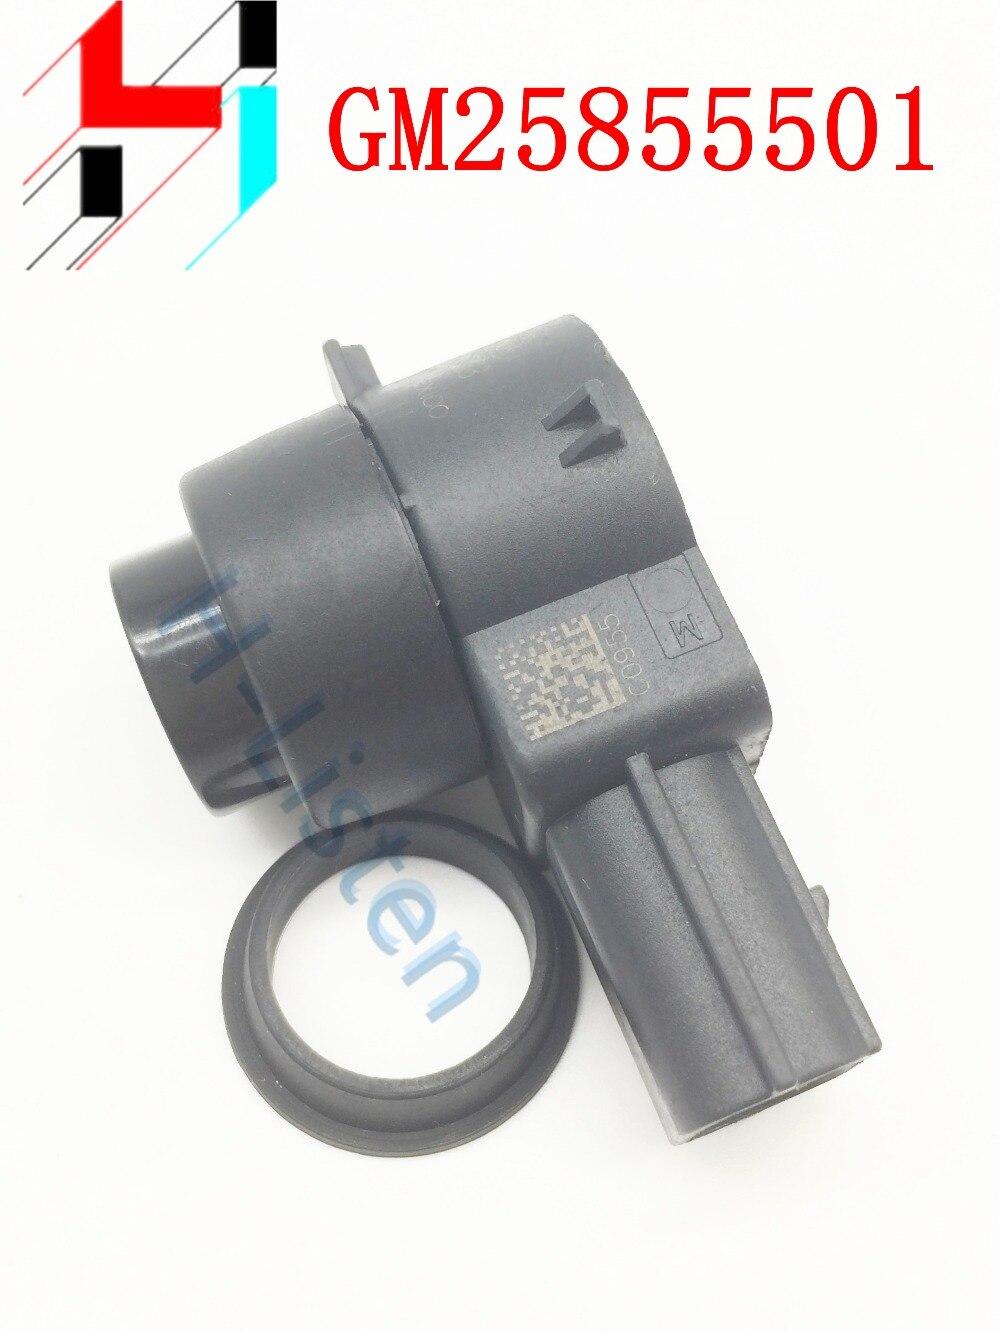 13326235 Parking Sensor 13242365 25855501 car parking Bumper Object Sensor fit For Cruze Regal Saab Opel Corsa Insignia 7